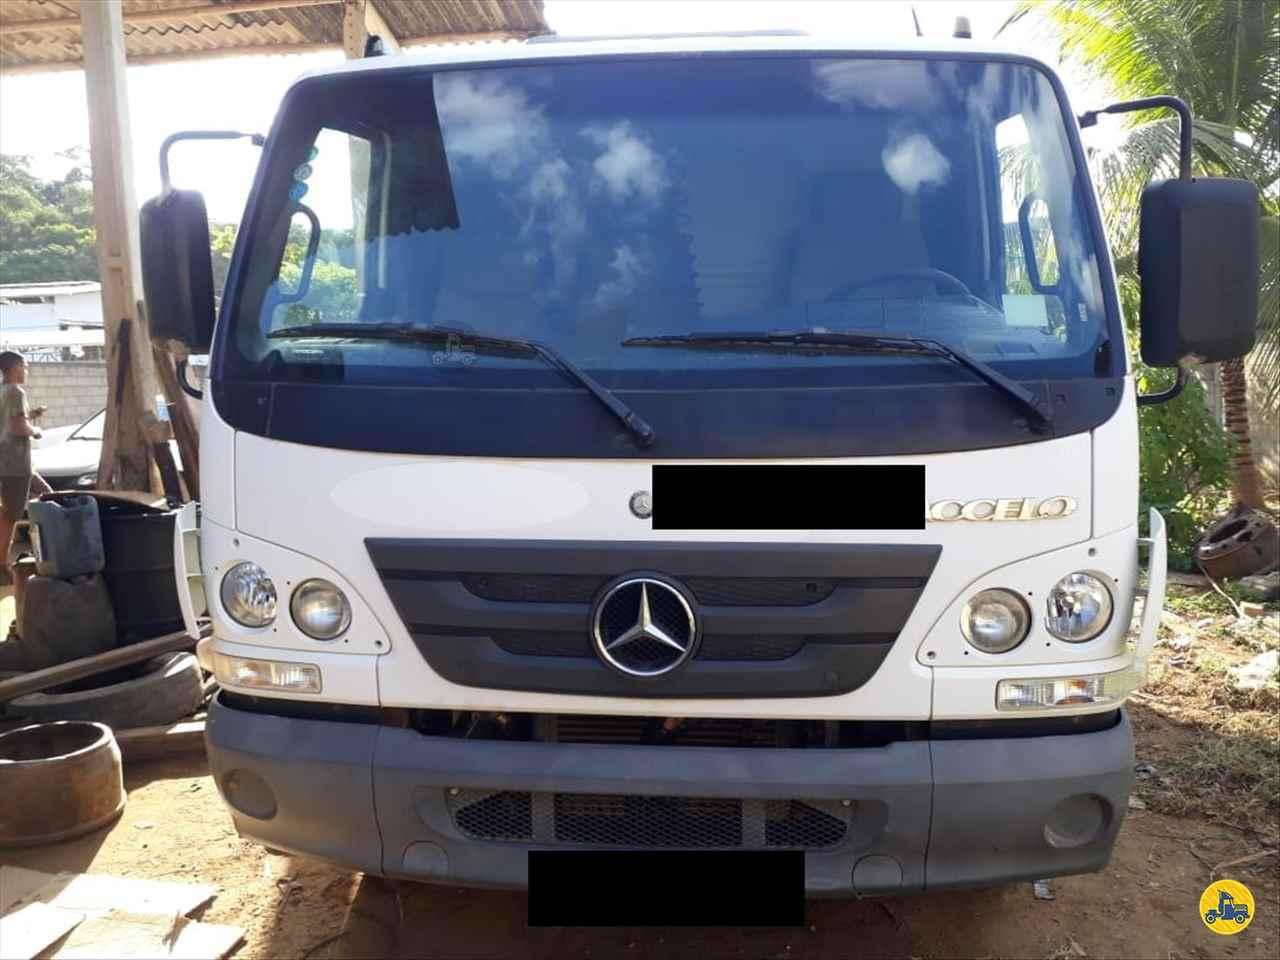 CAMINHAO MERCEDES-BENZ MB 1016 Caçamba Basculante 3/4 4x2 Wilson Caminhões RIBEIRAO PIRES SÃO PAULO SP